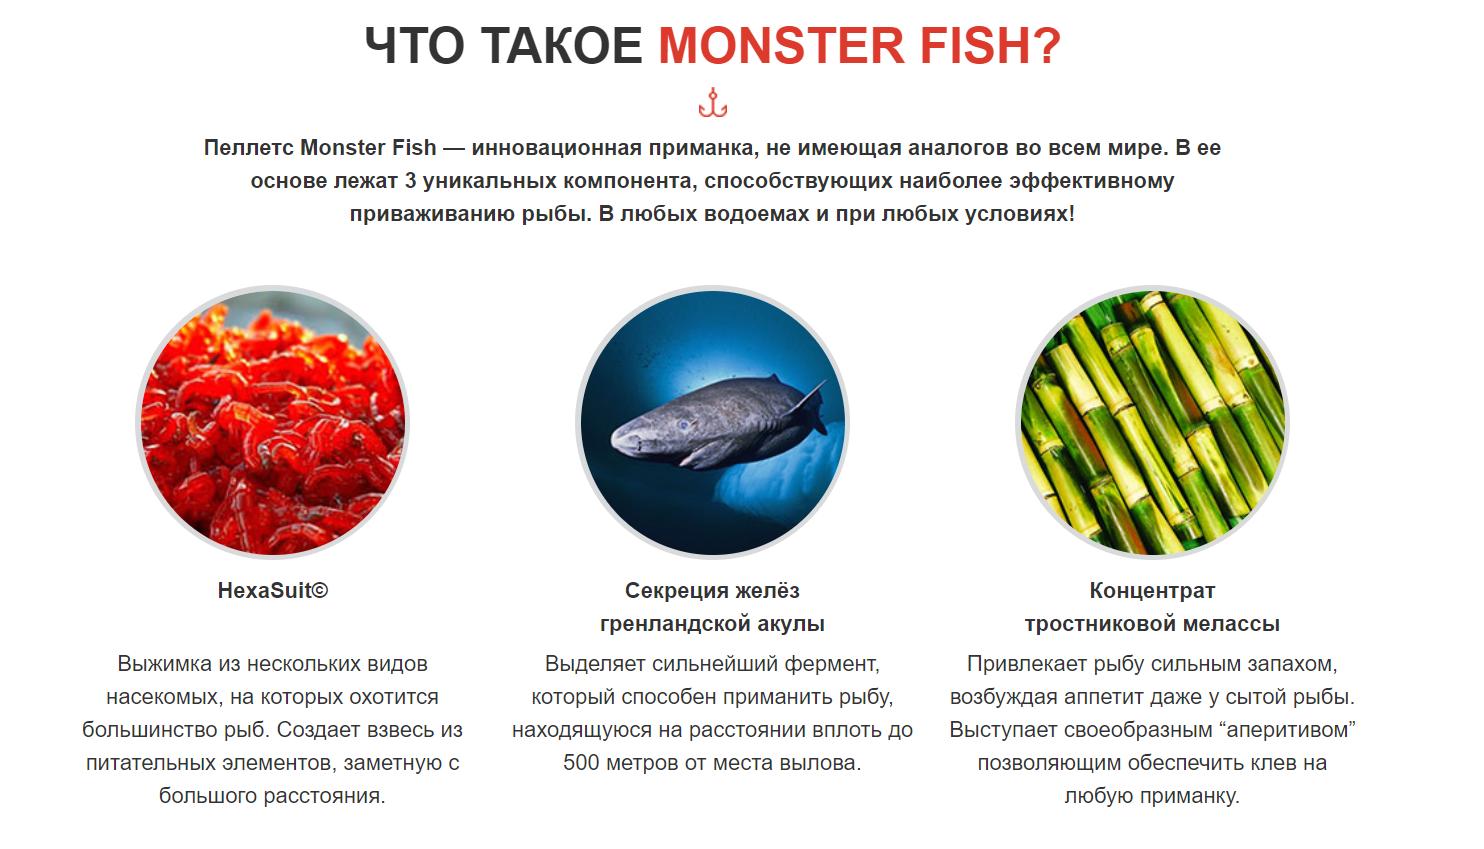 Что это - приманка для ловли рыбы Monster Fish